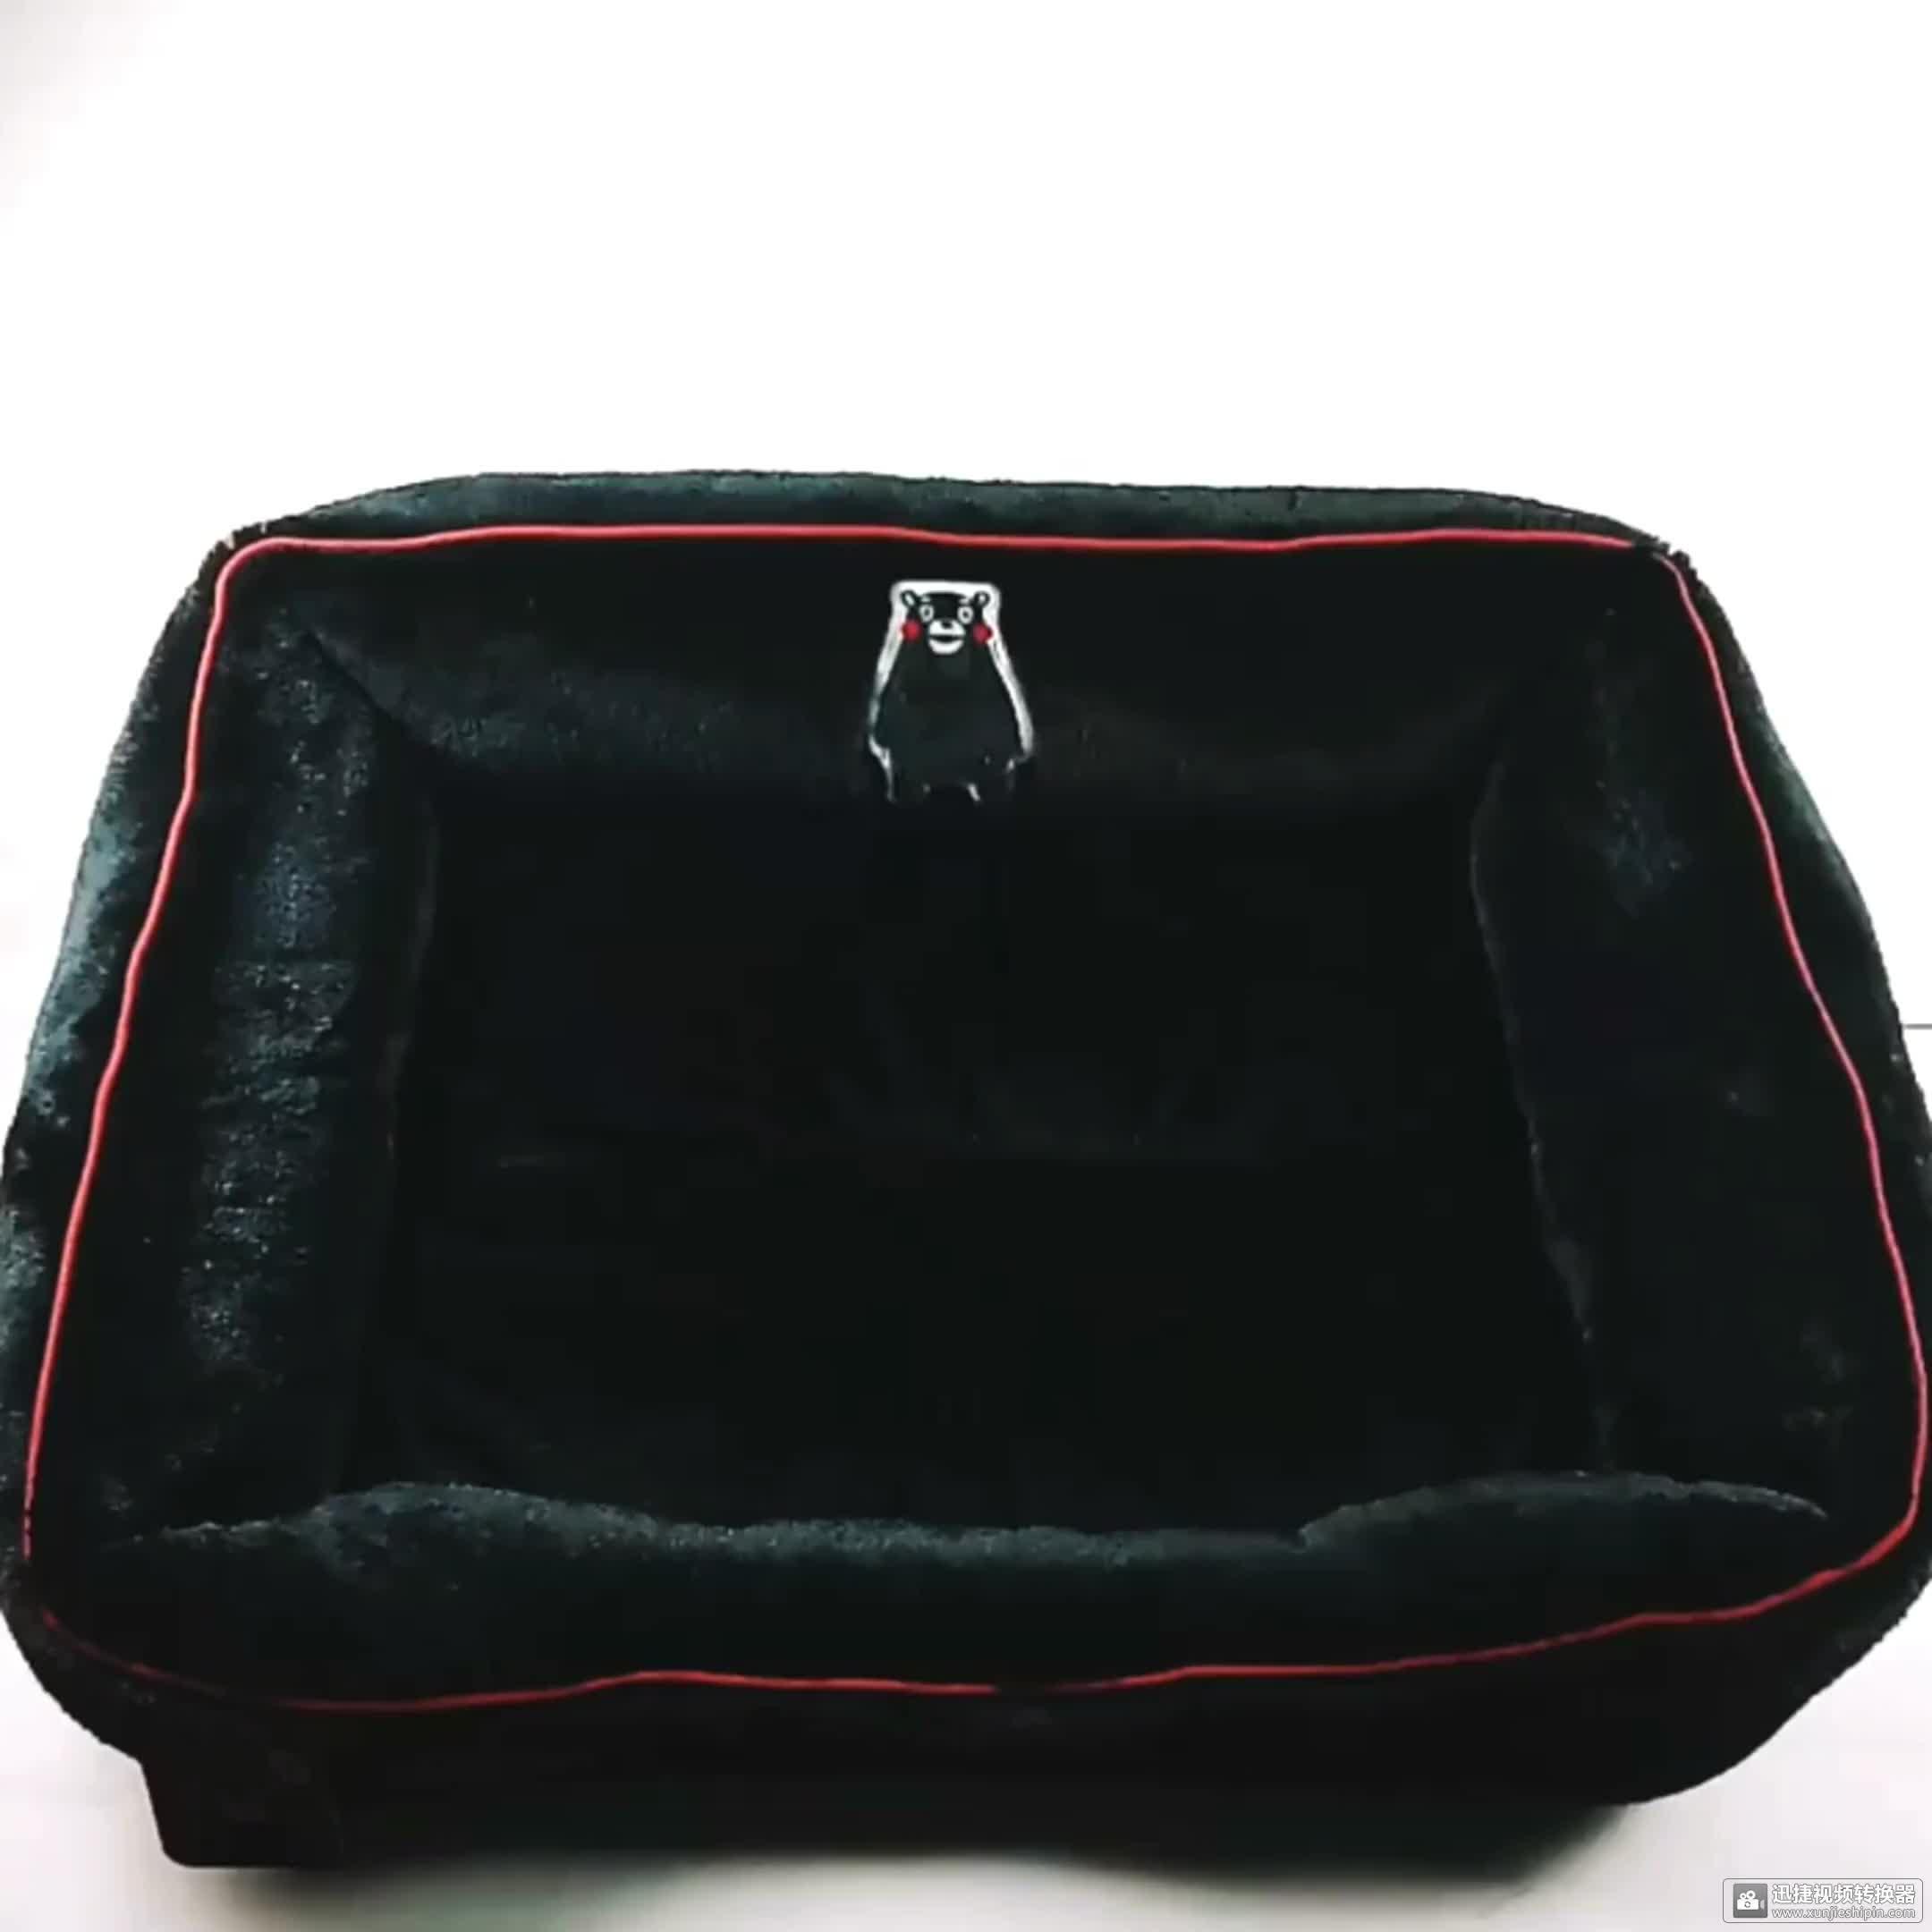 LUVP + K-KUMAMON Fabriek Wasbare Groothandel Luxe Zachte Zwarte Hond Huisdier Bed Vierkante Bed Kat Bed S